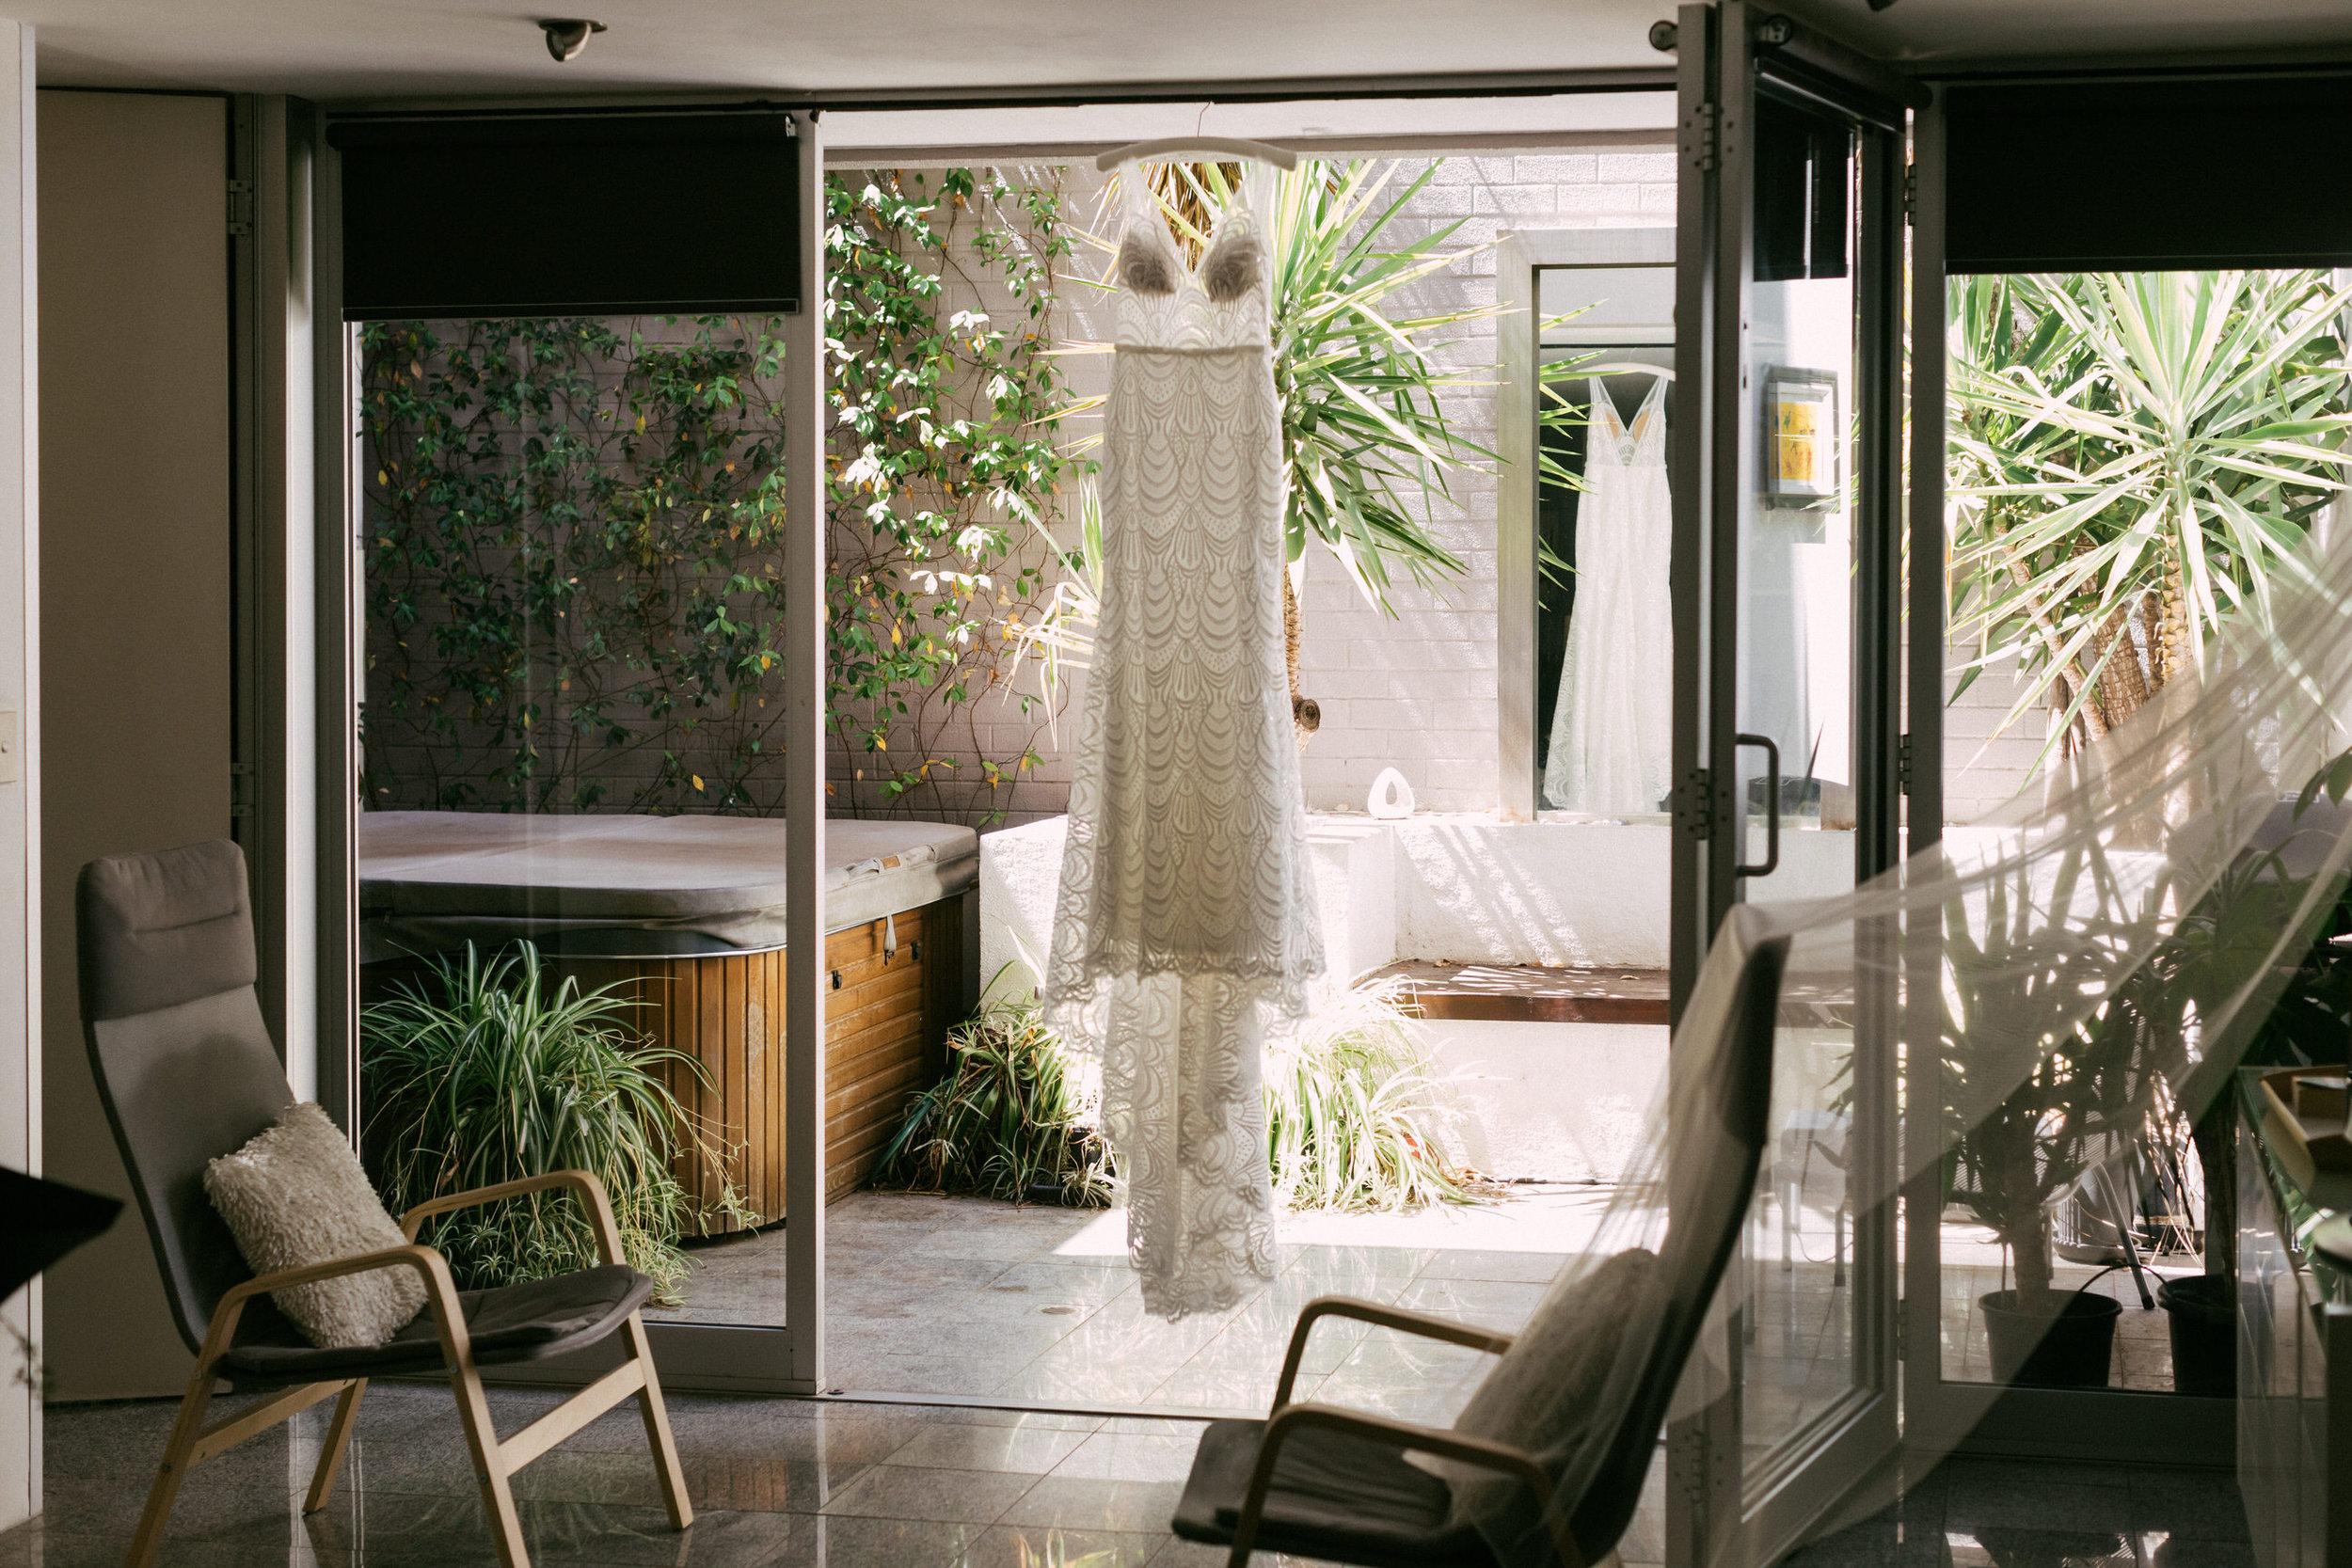 Adelaide City Fringe Garden Unearthly Delight Wedding 017.jpg